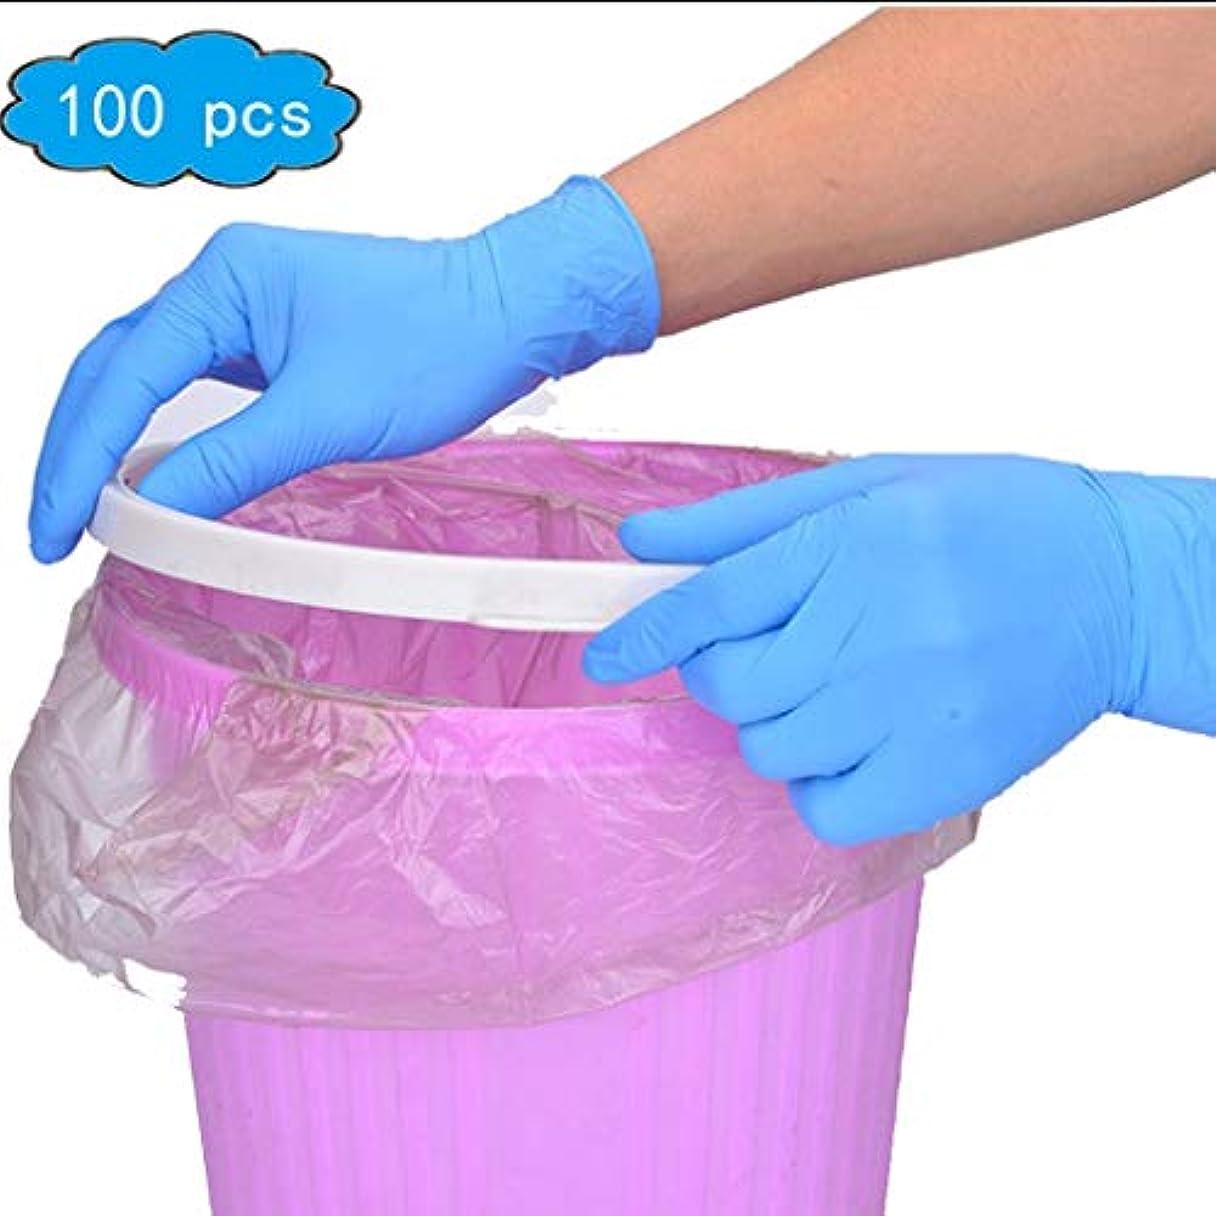 加速度講堂症候群使い捨てニトリルグローブ、医療用品&機器、テクスチャ指先、フードセーフ、ツール&ホーム改善、塗装、(青、大)100箱、家庭用品、ラテックス手袋使い捨て (Color : Blue, Size : S)